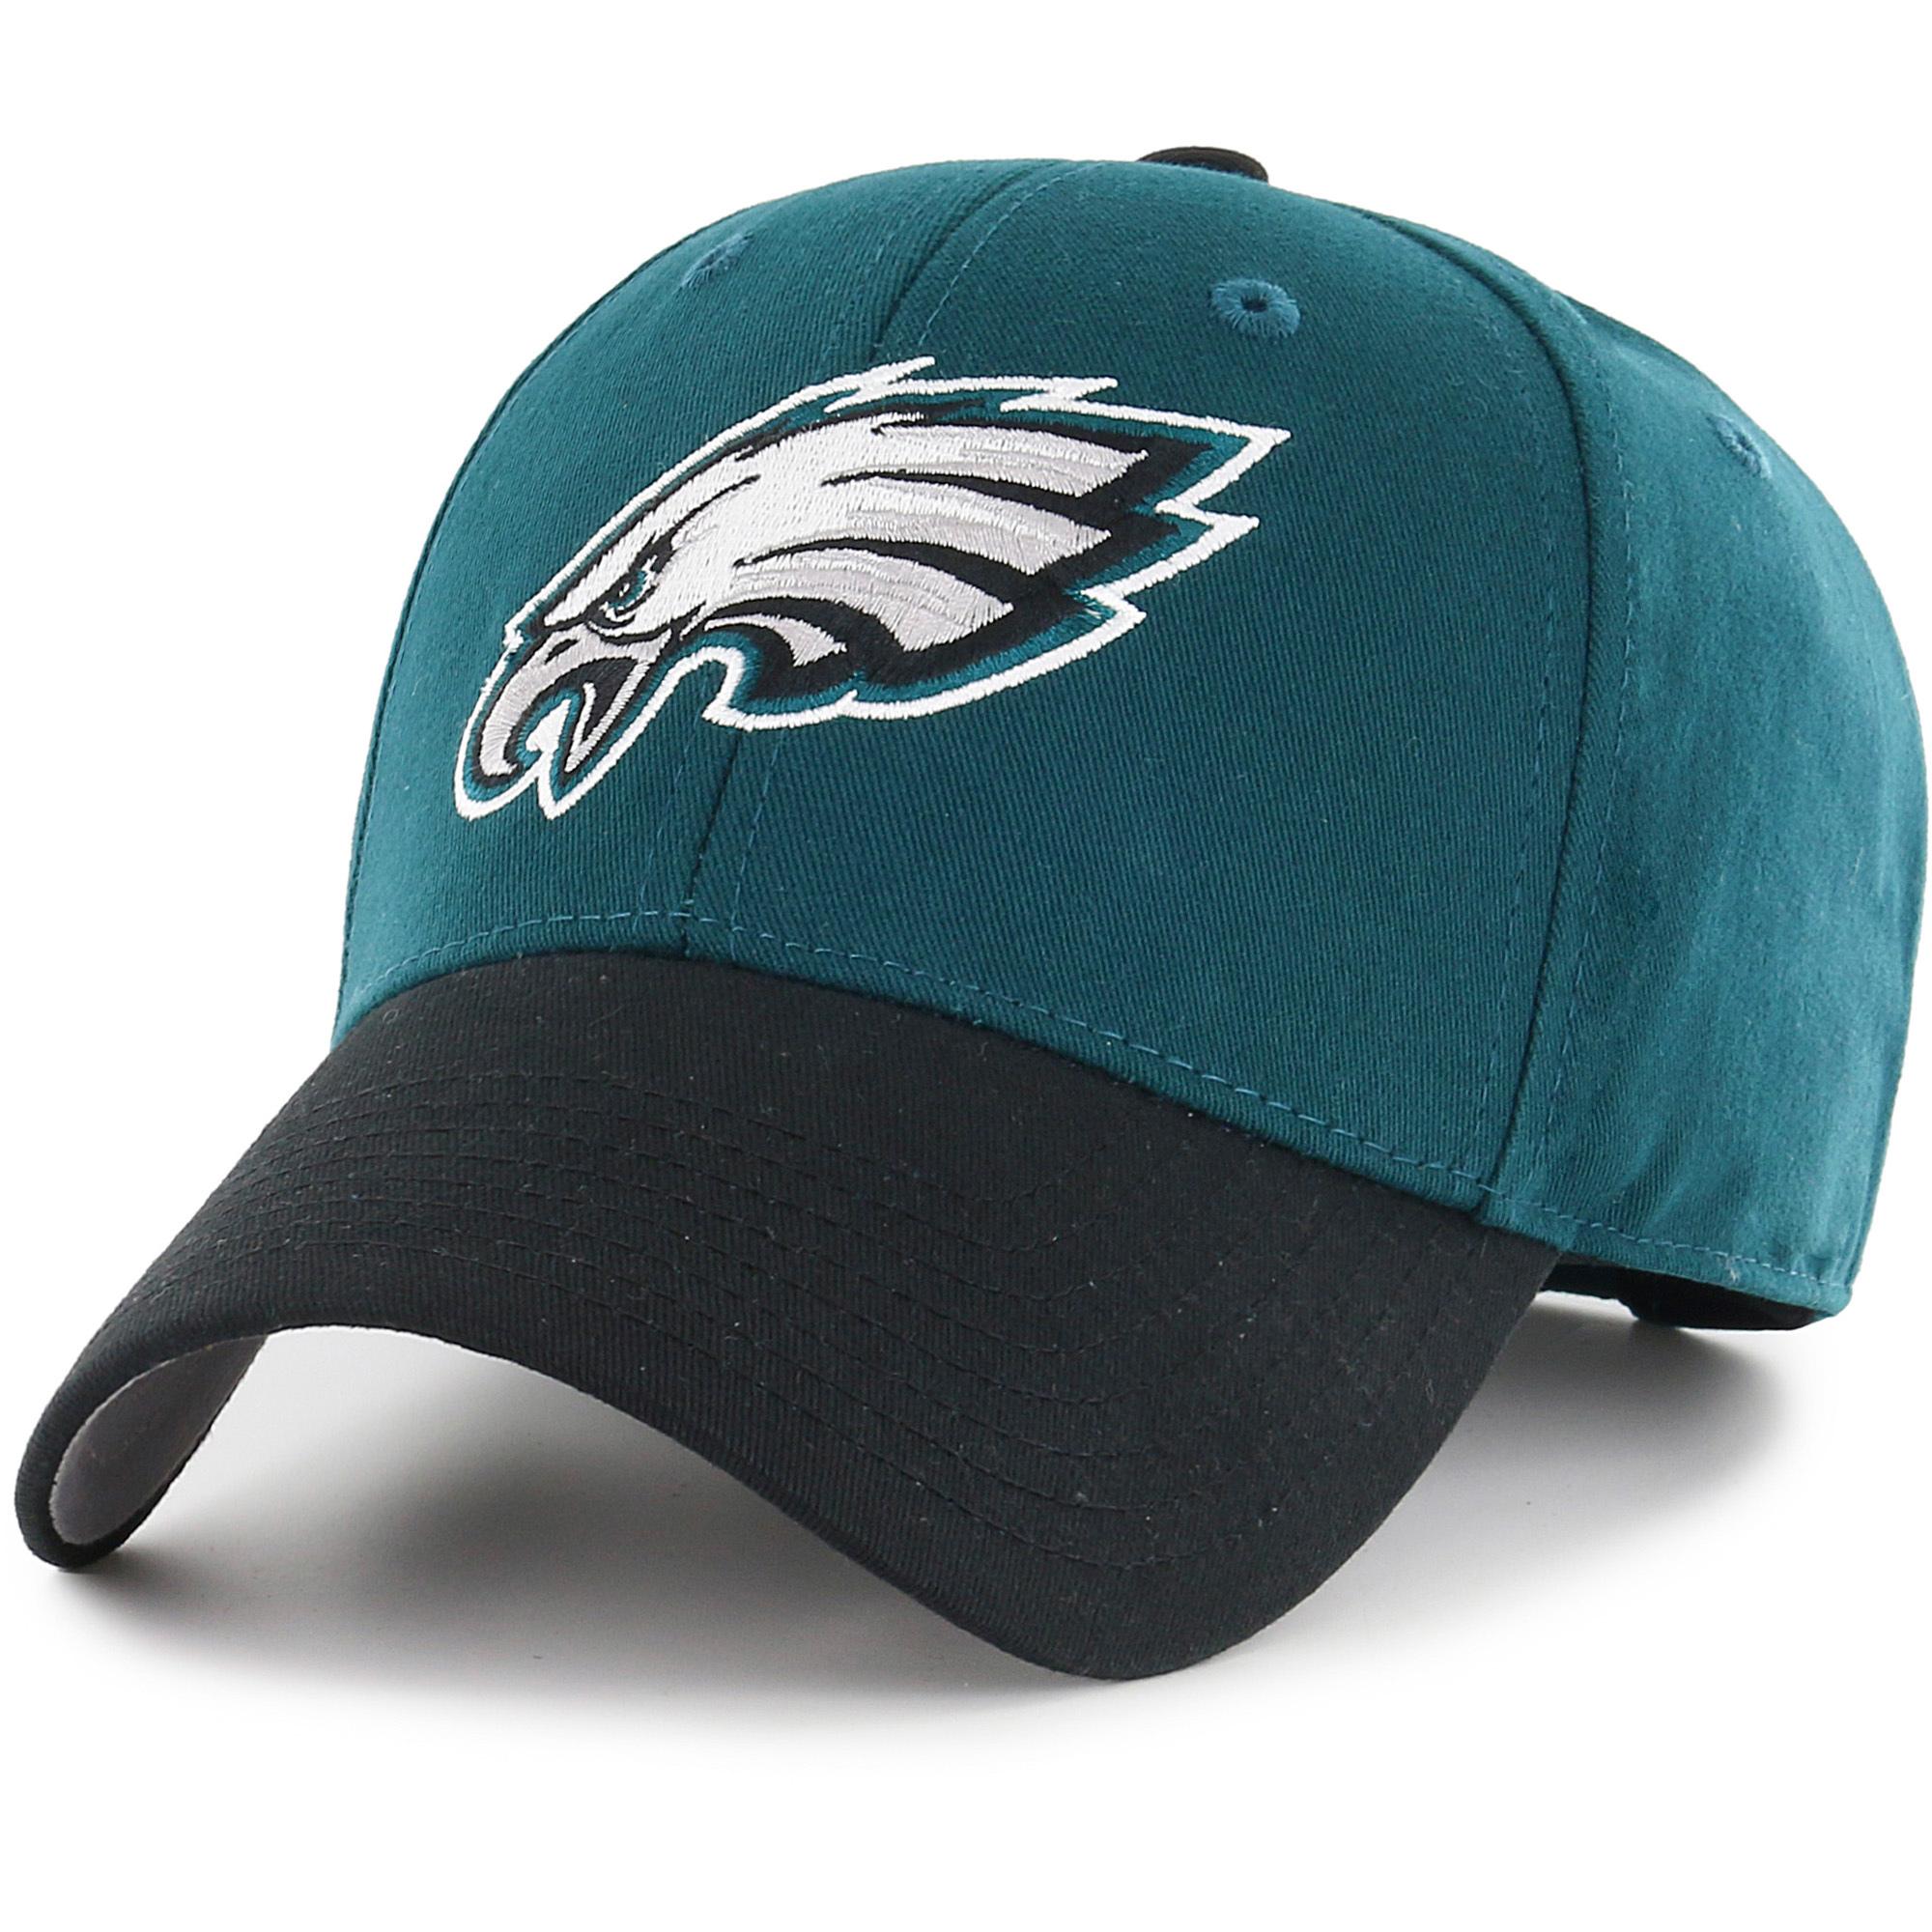 Men's Fan Favorite Green/Black Philadelphia Eagles Two-Tone Adjustable Hat - OSFA